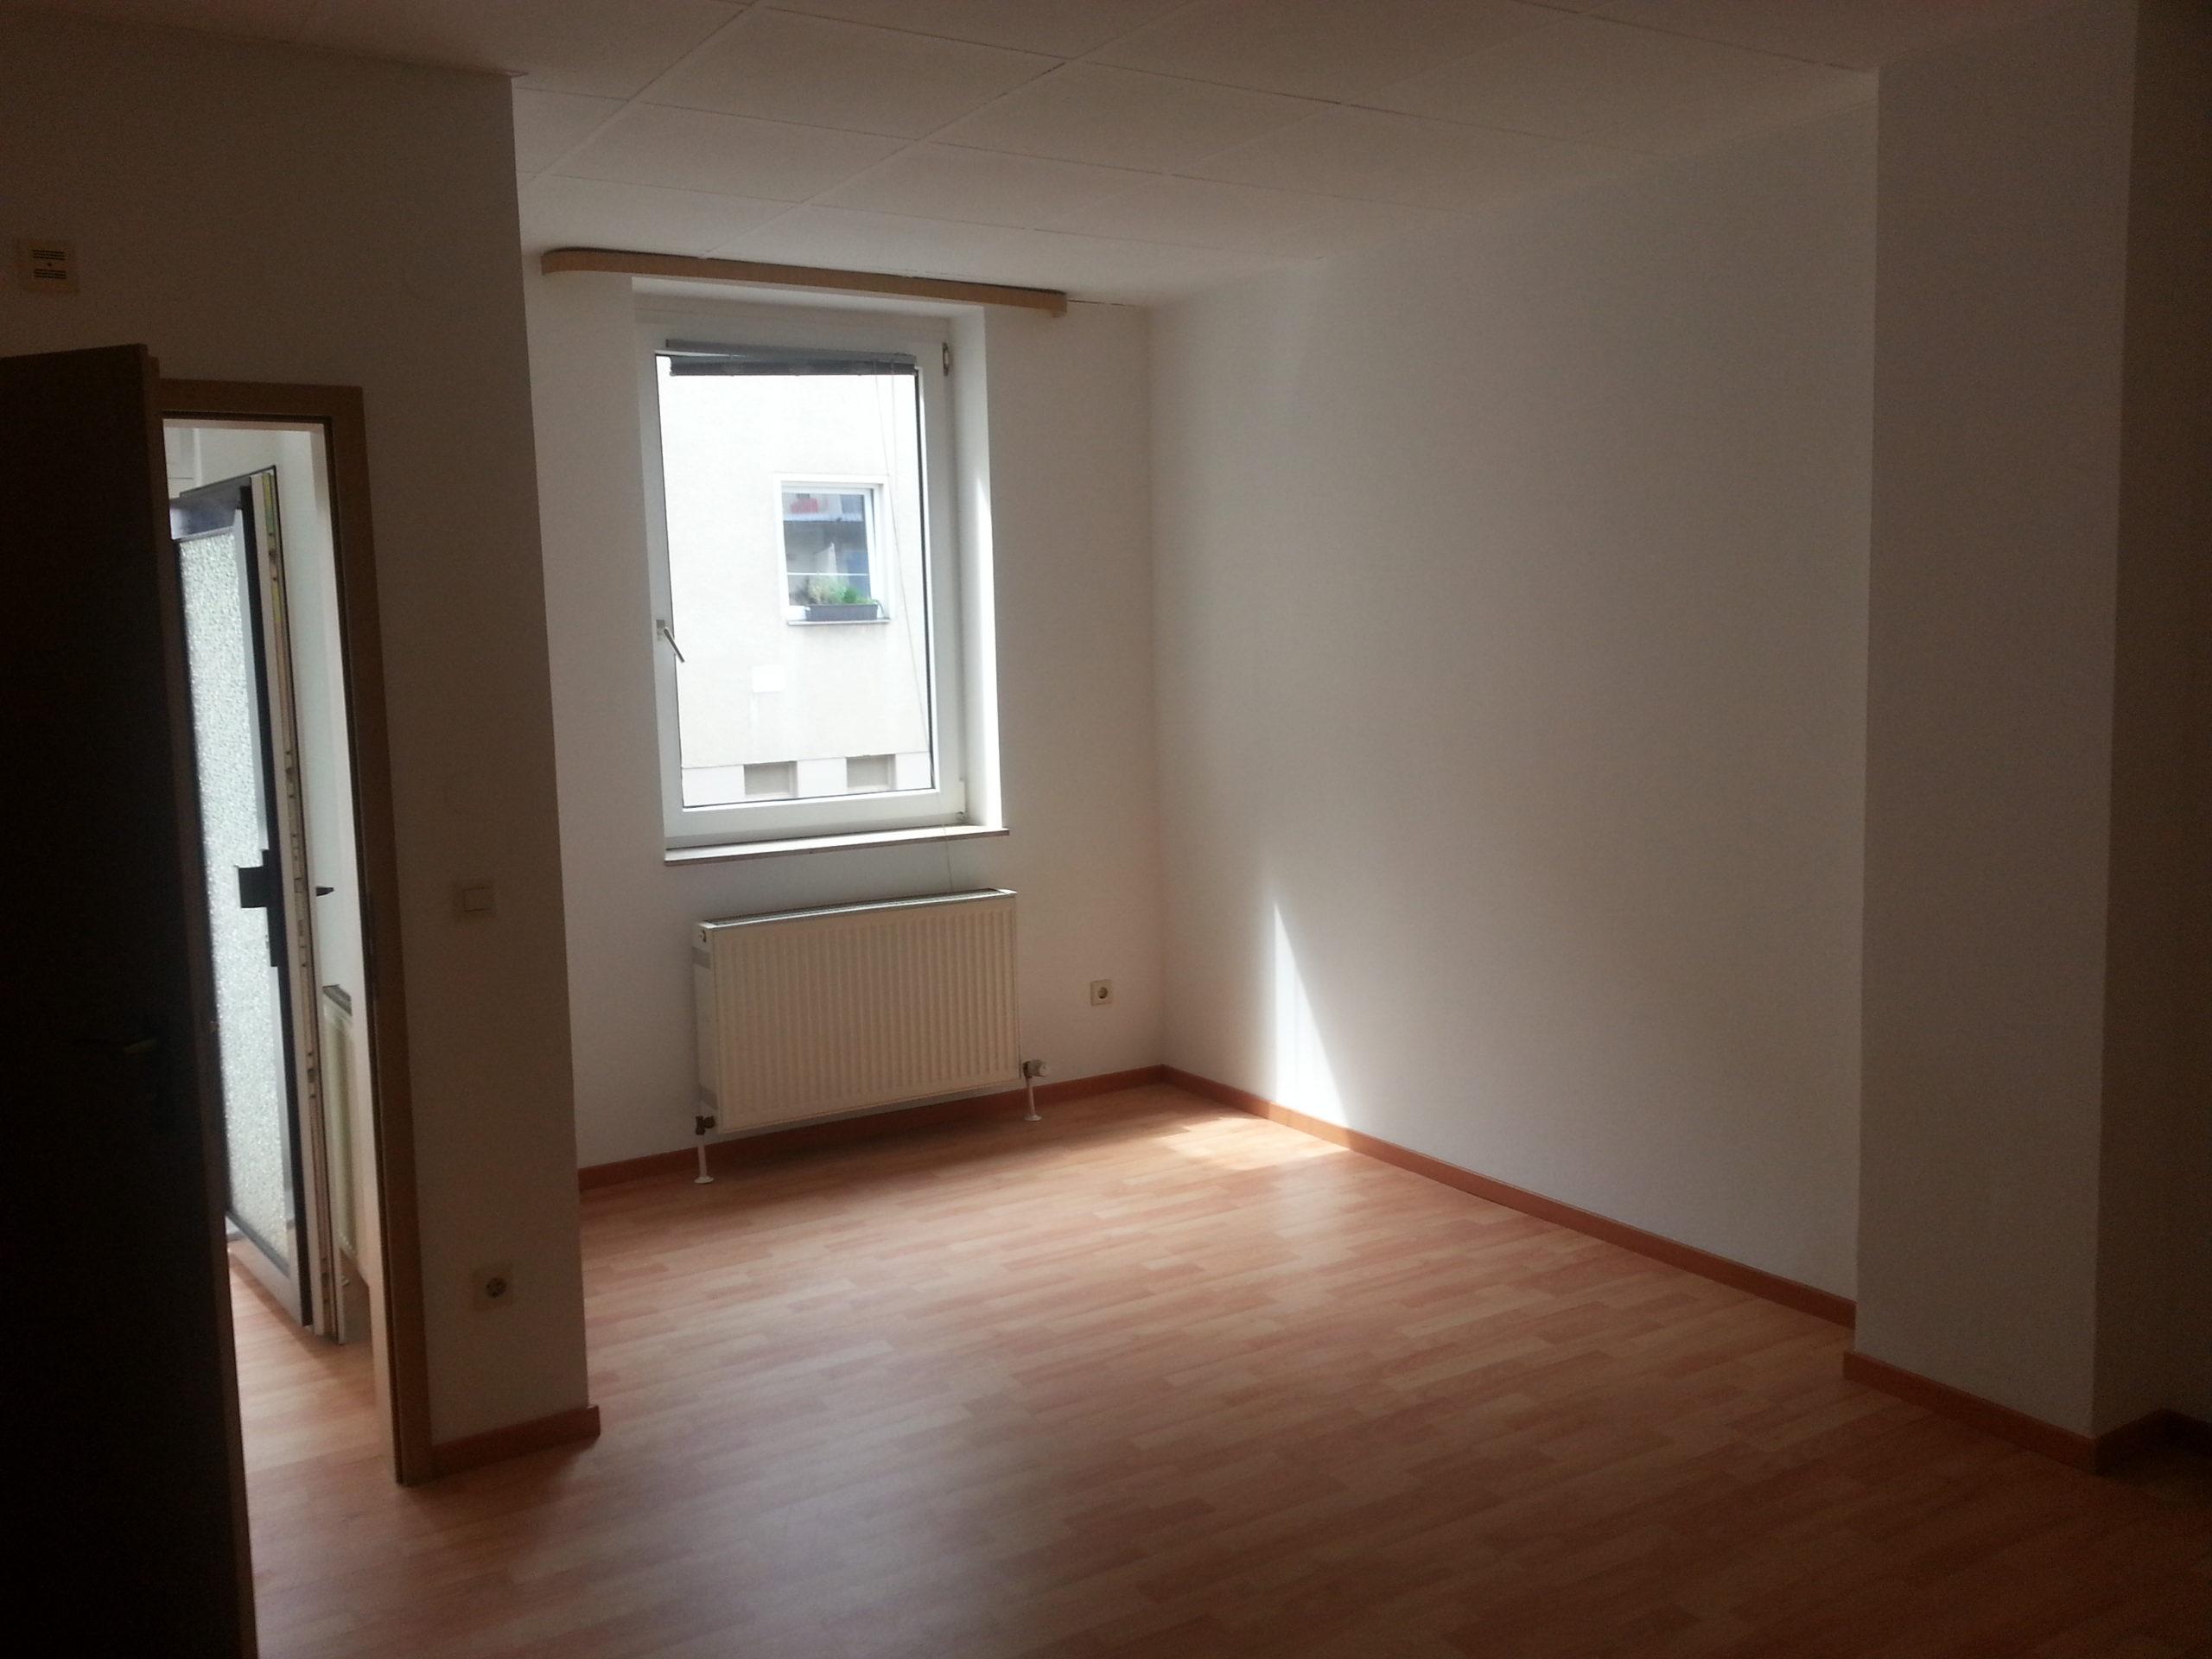 Helles und freundliches Appartement für Singles oder Paare